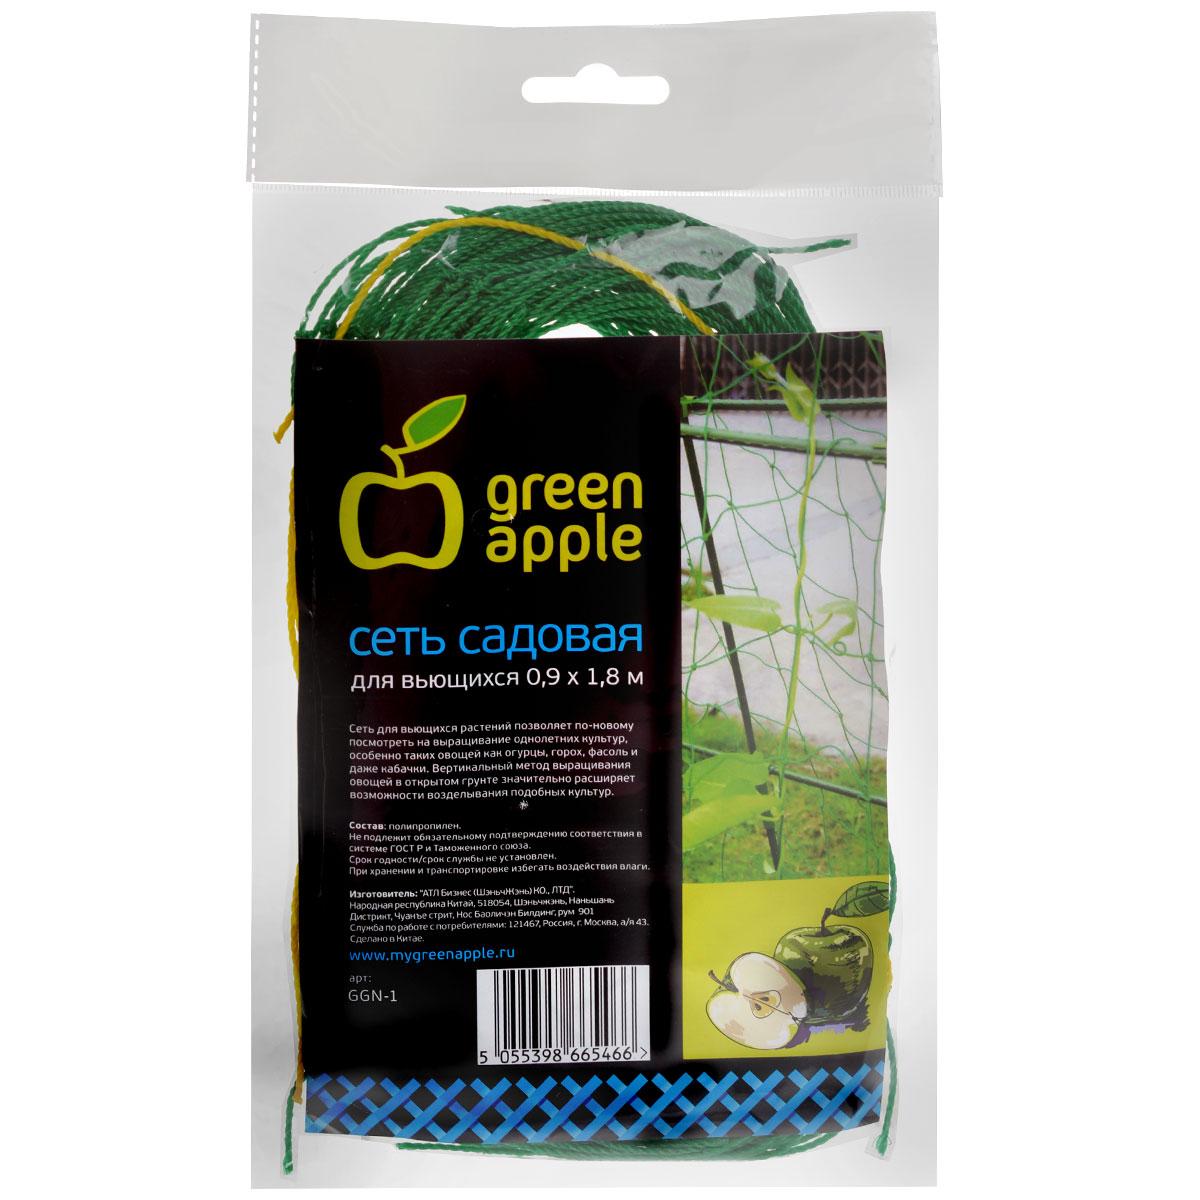 Сеть садовая для вьющихся Green Apple GGN-1, 0,9 х 1,8 мGGN-1Сеть для вьющихся растений позволяет по-новому посмотреть на выращивание однолетних культур, особенно таких овощей как огурцы, горох, фасоль и даже кабачки.Вертикальный метод выращивания овощей в открытом грунте значительно расширяет возможности возделывания подобных культур.